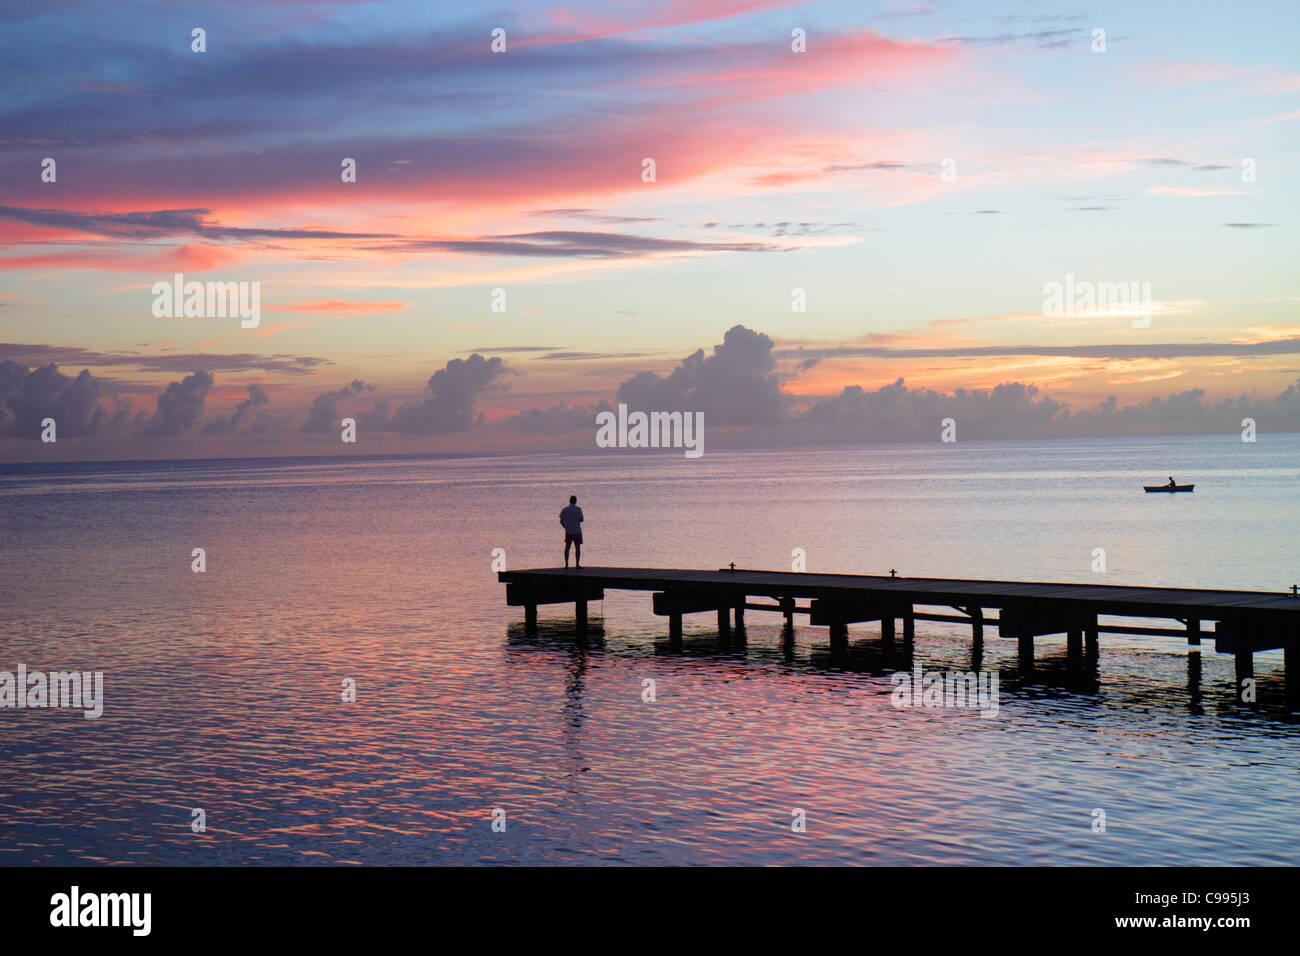 Curaçao, Antilles néerlandaises petit Leeward, îles ABC, Néerlandais, Piscadera Bay, Mer des Caraïbes, eau, jetée, Banque D'Images